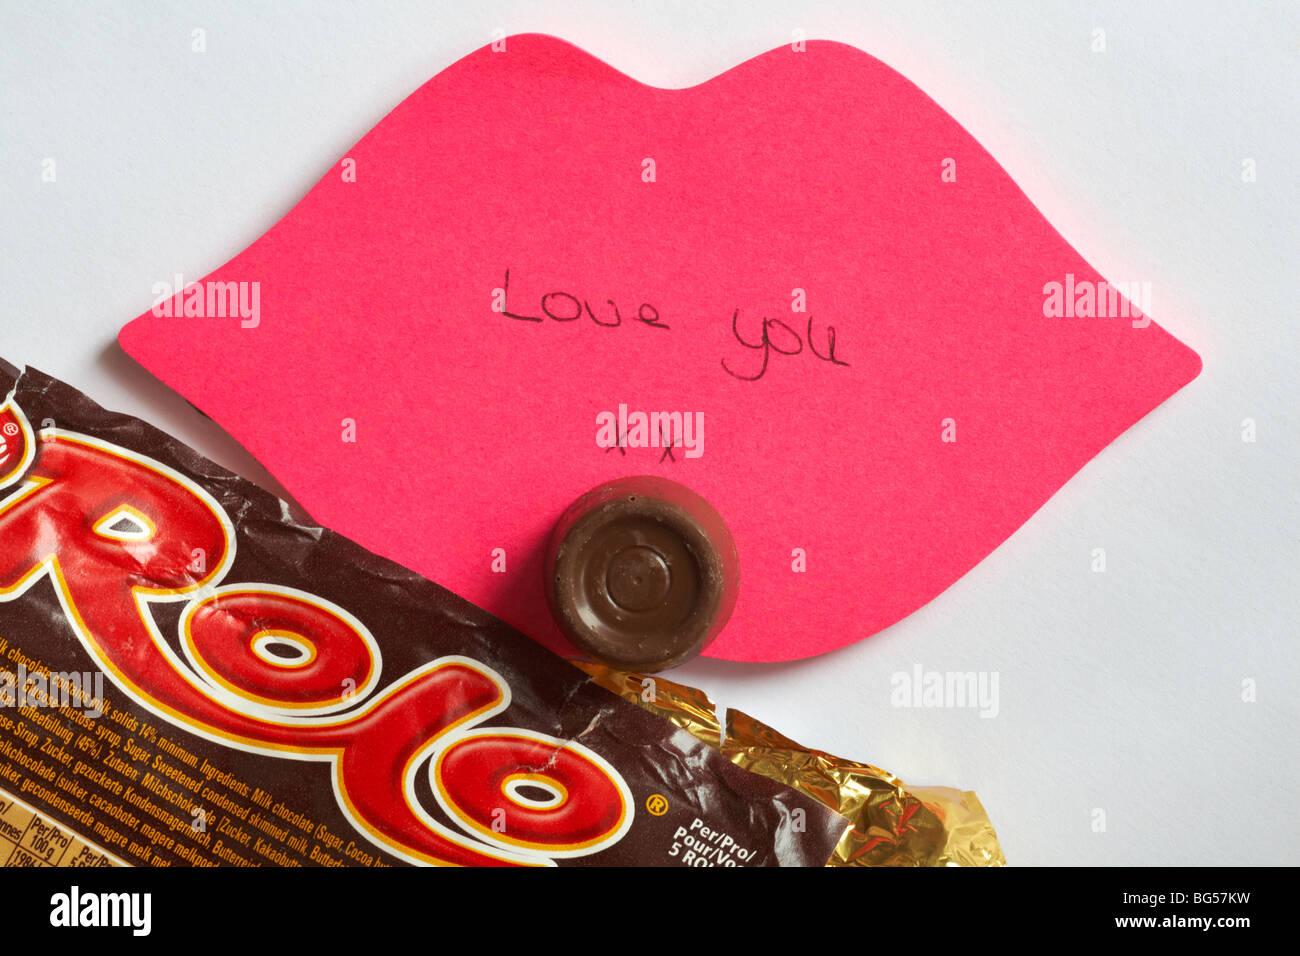 Te amo - la última rolo - Te amo xx escrito en rosa labios post se nota con la última rolo del paquete Imagen De Stock